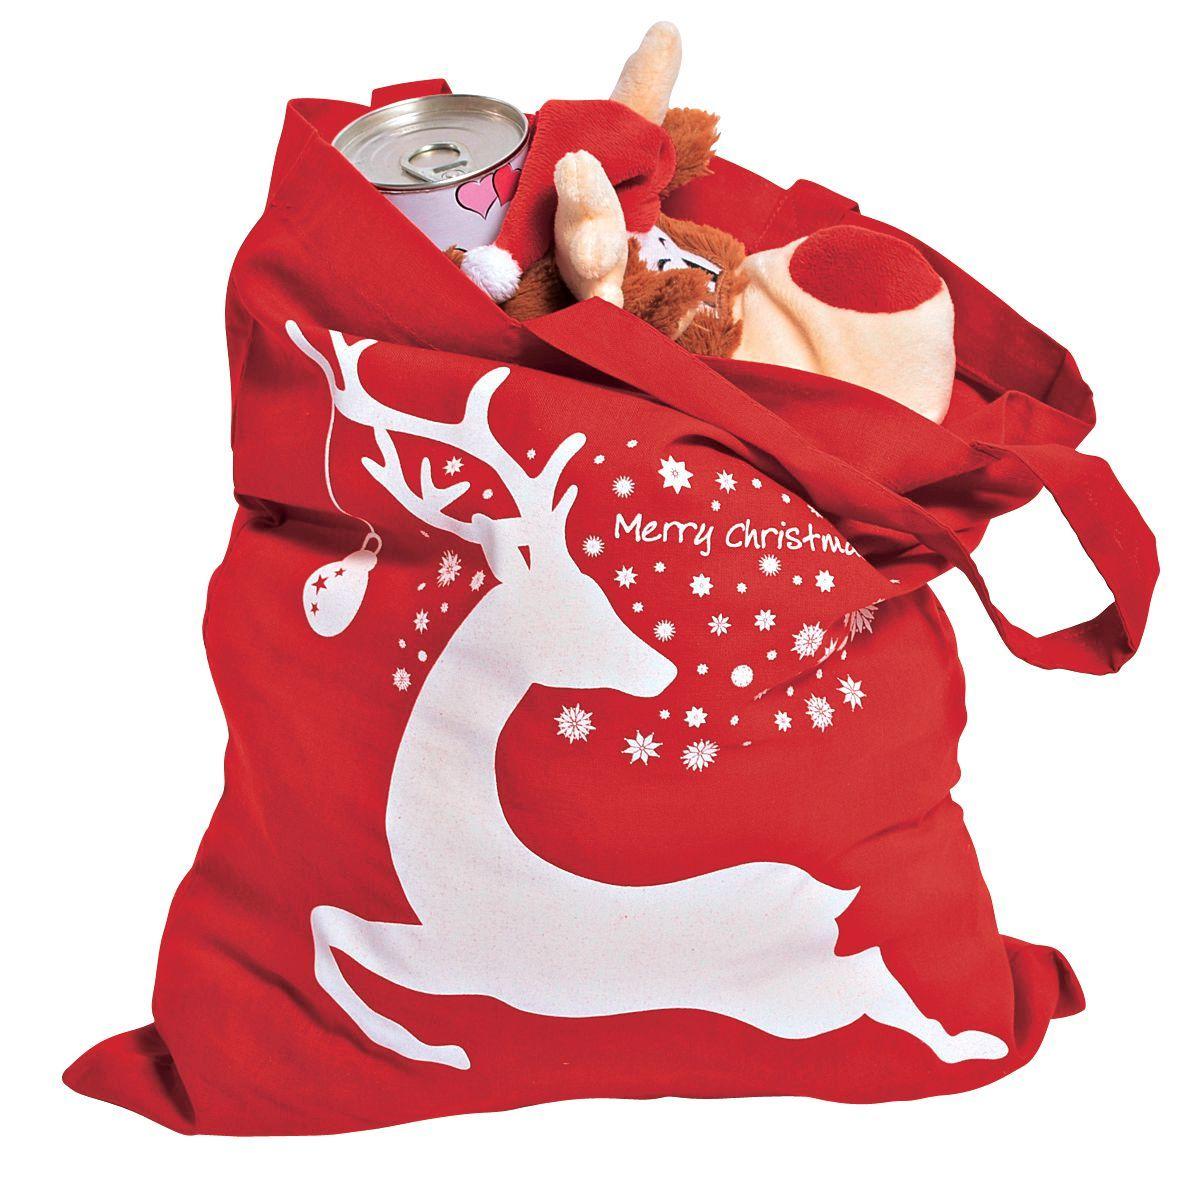 Mini Baumwolltasche 'Merry Christmas - einfach-geschenke-finden.de